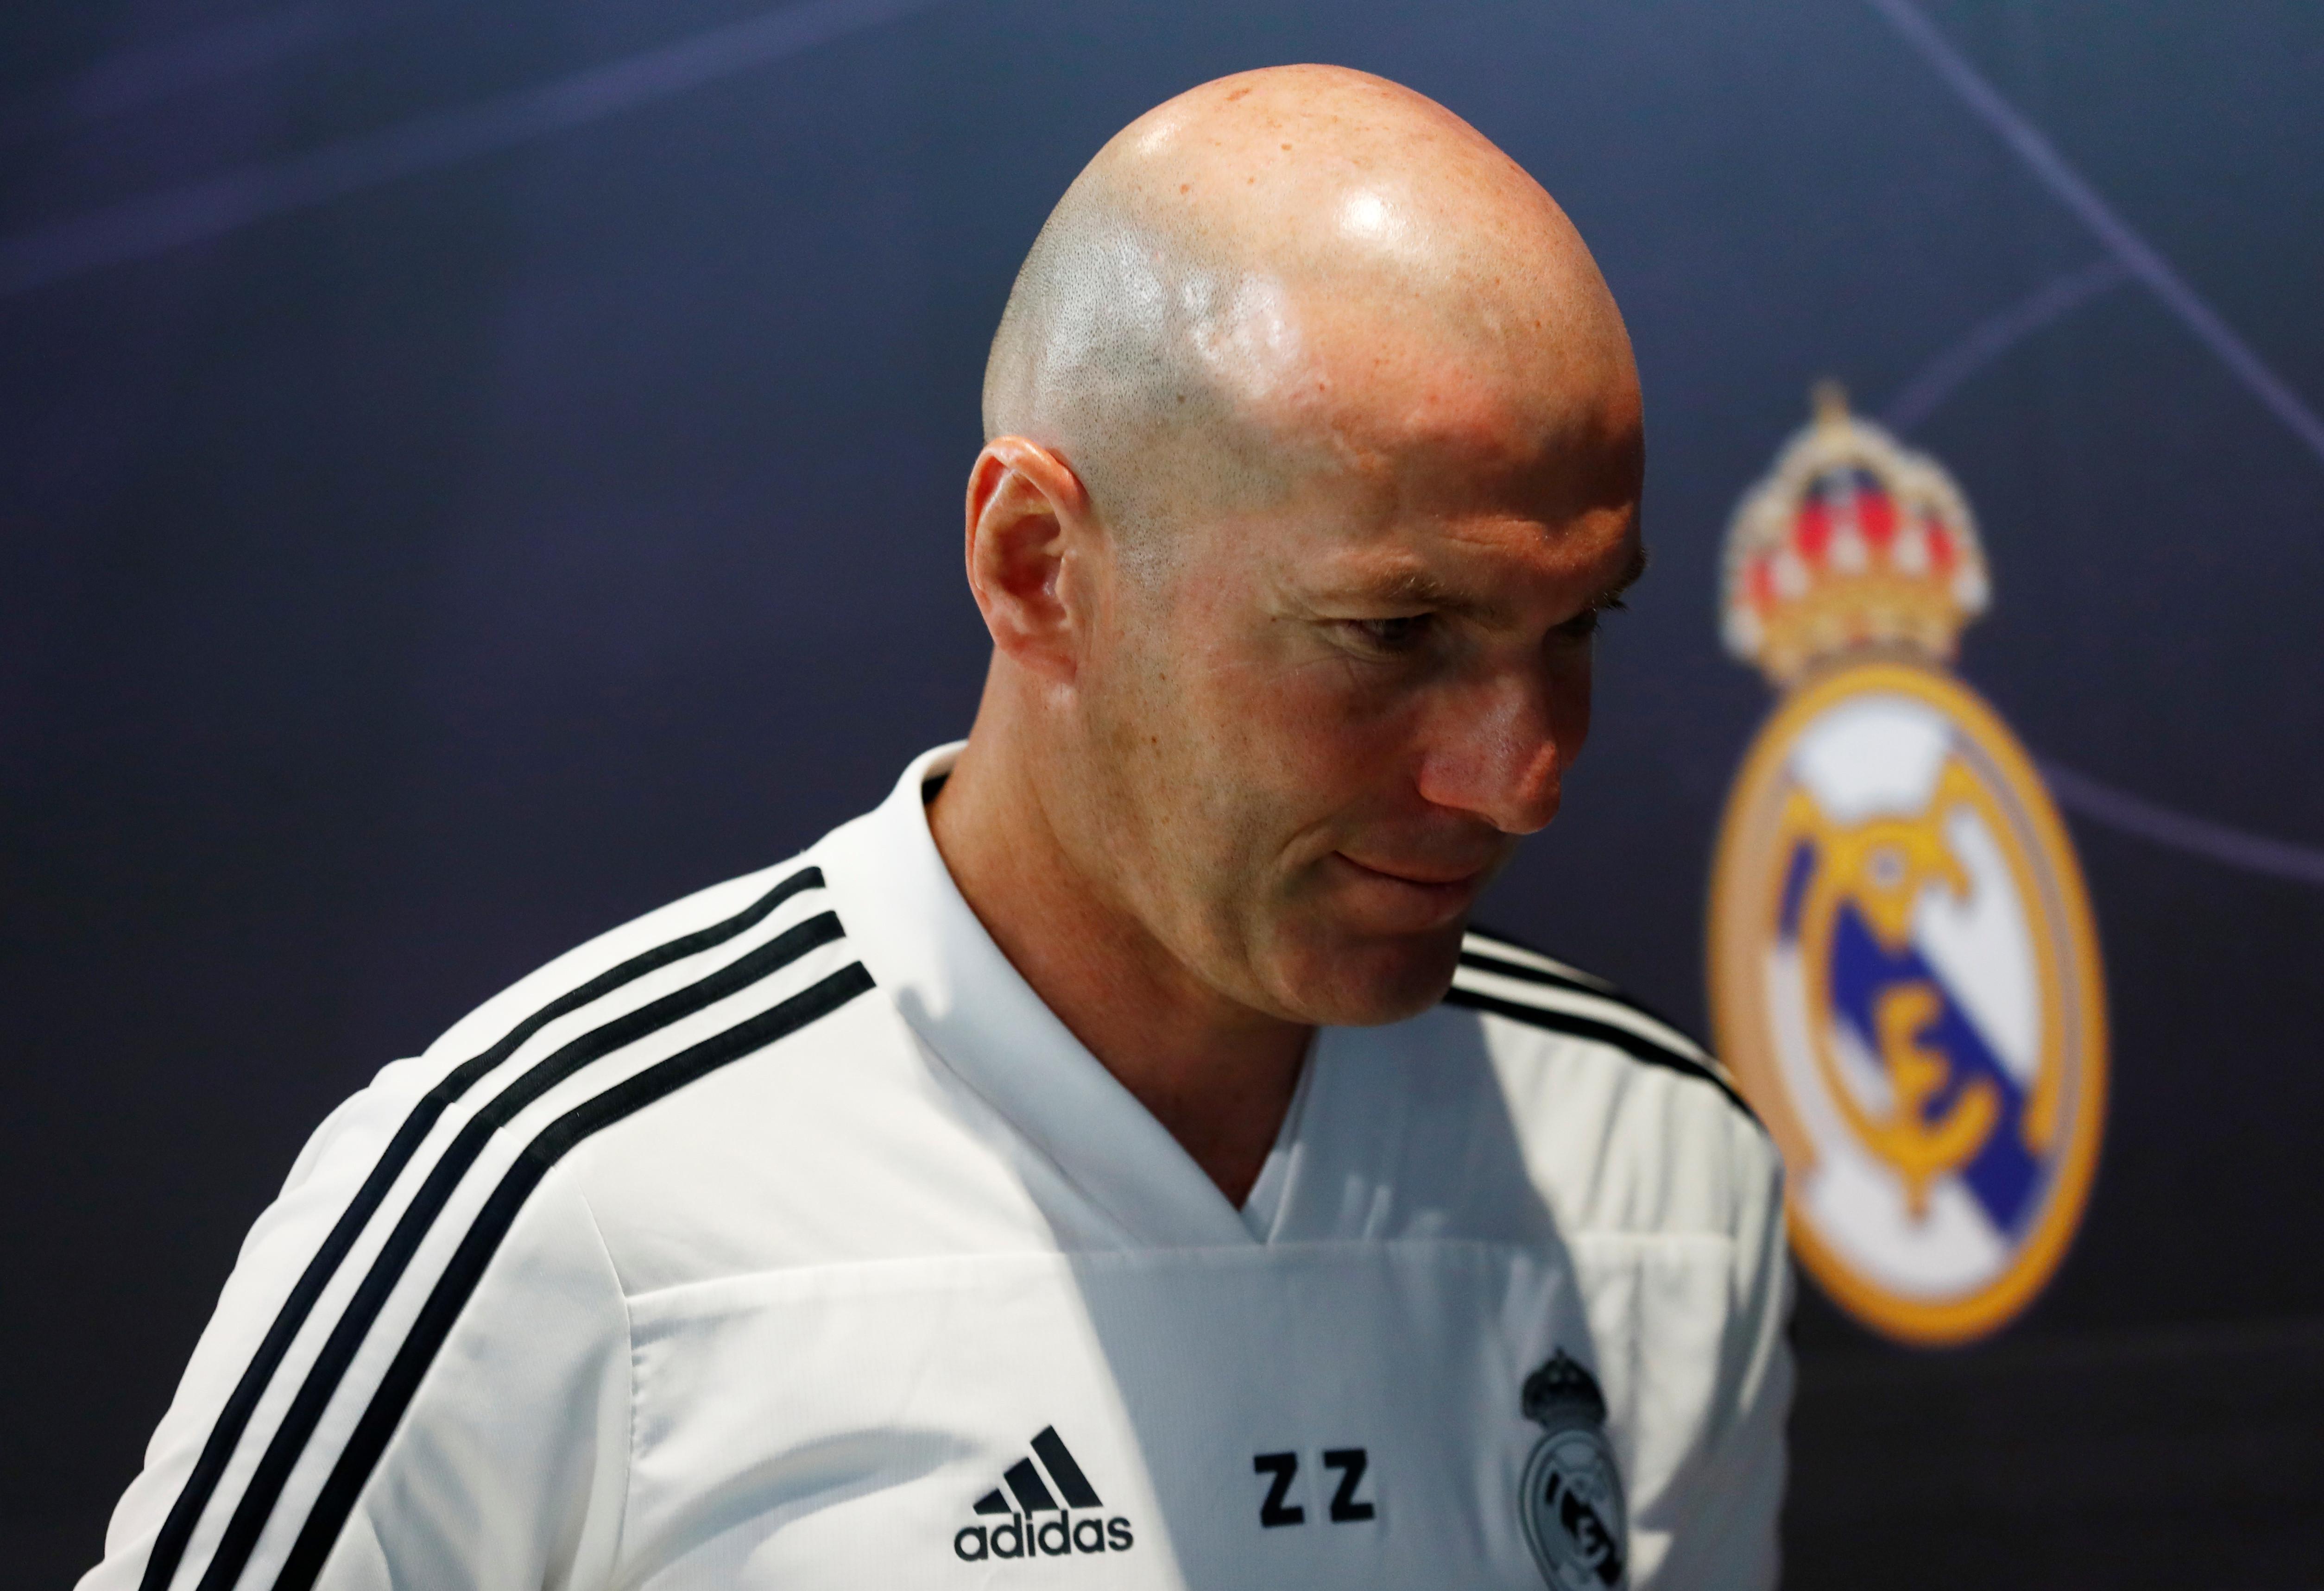 Empolgado por reestreia, Zidane vê Marcelo e Isco motivados